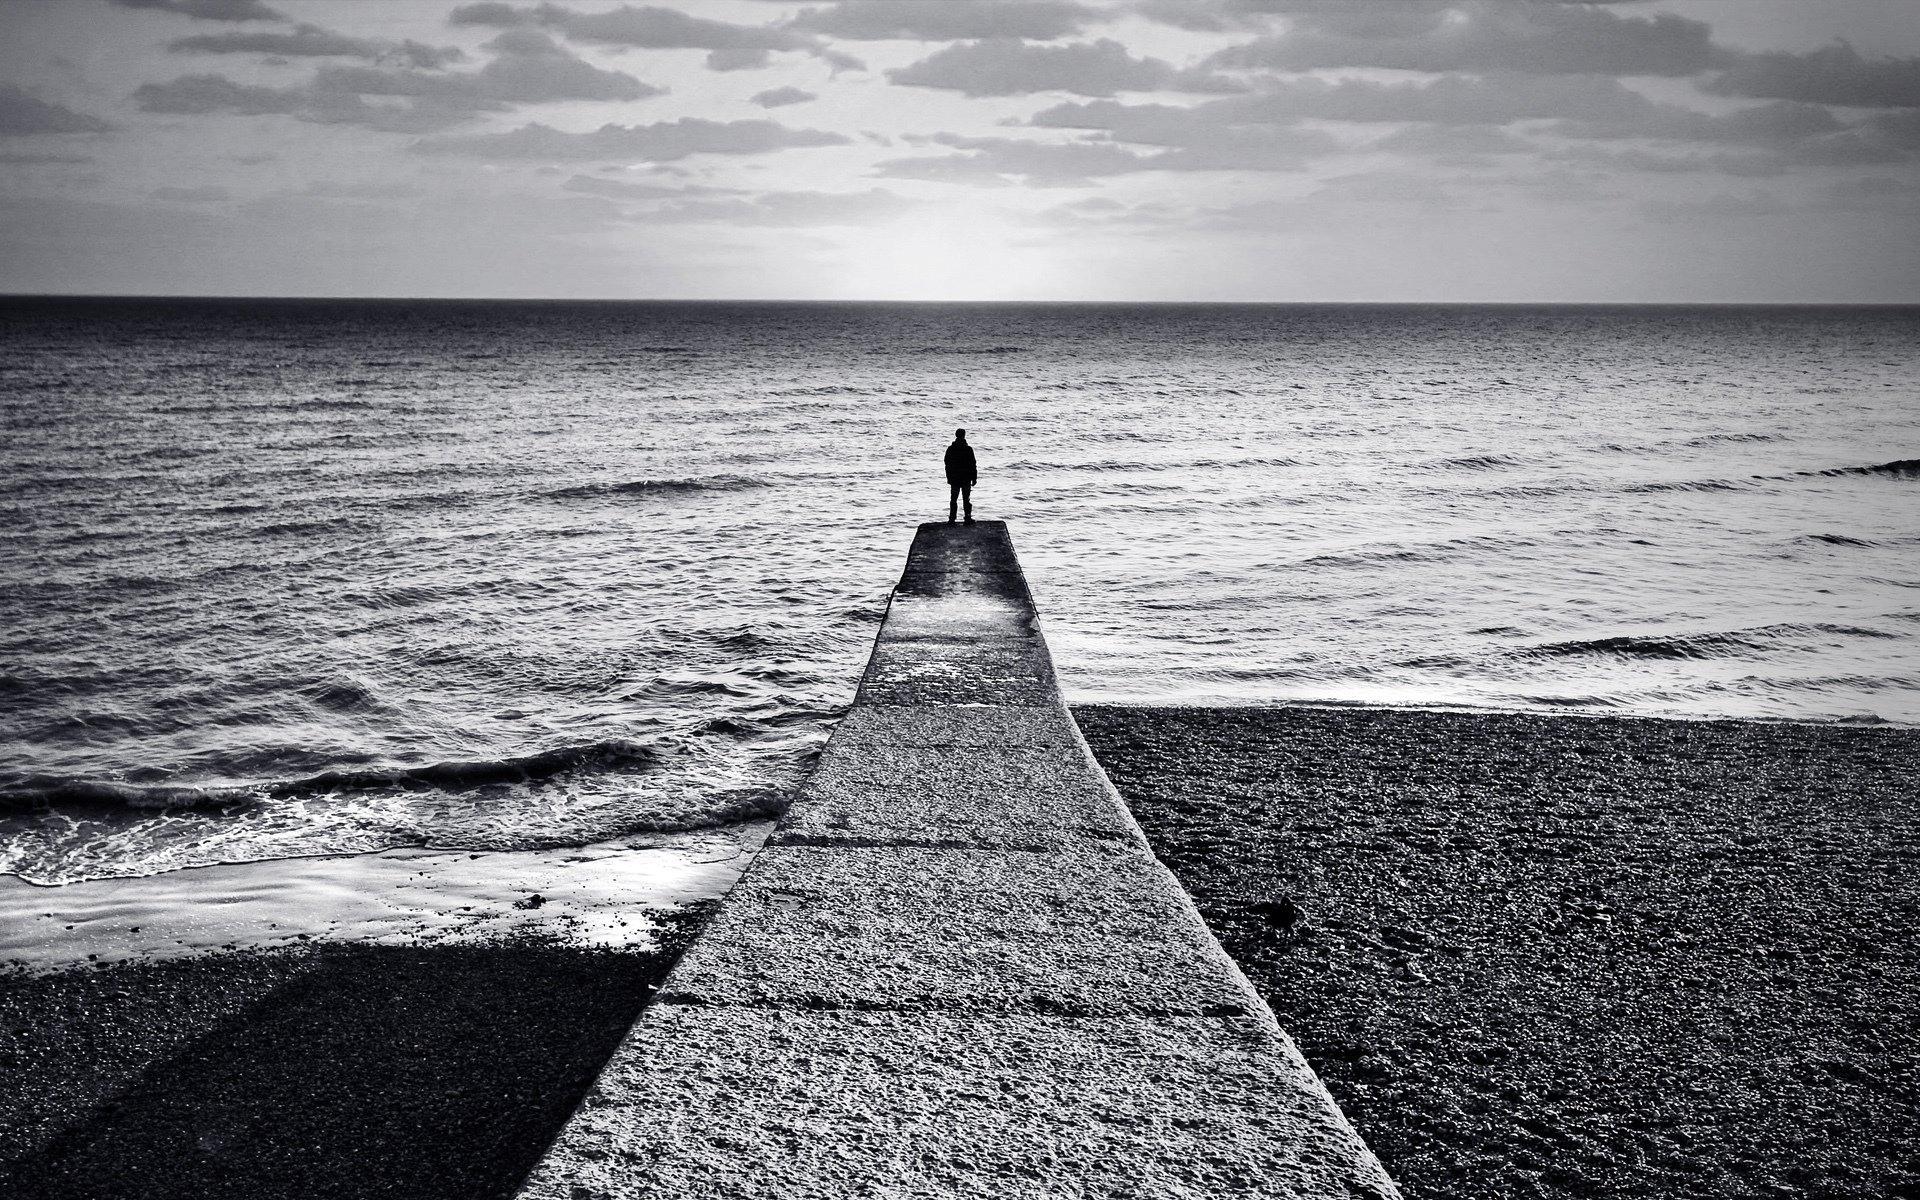 Hình ảnh buồn cô đơn tuyệt vọng